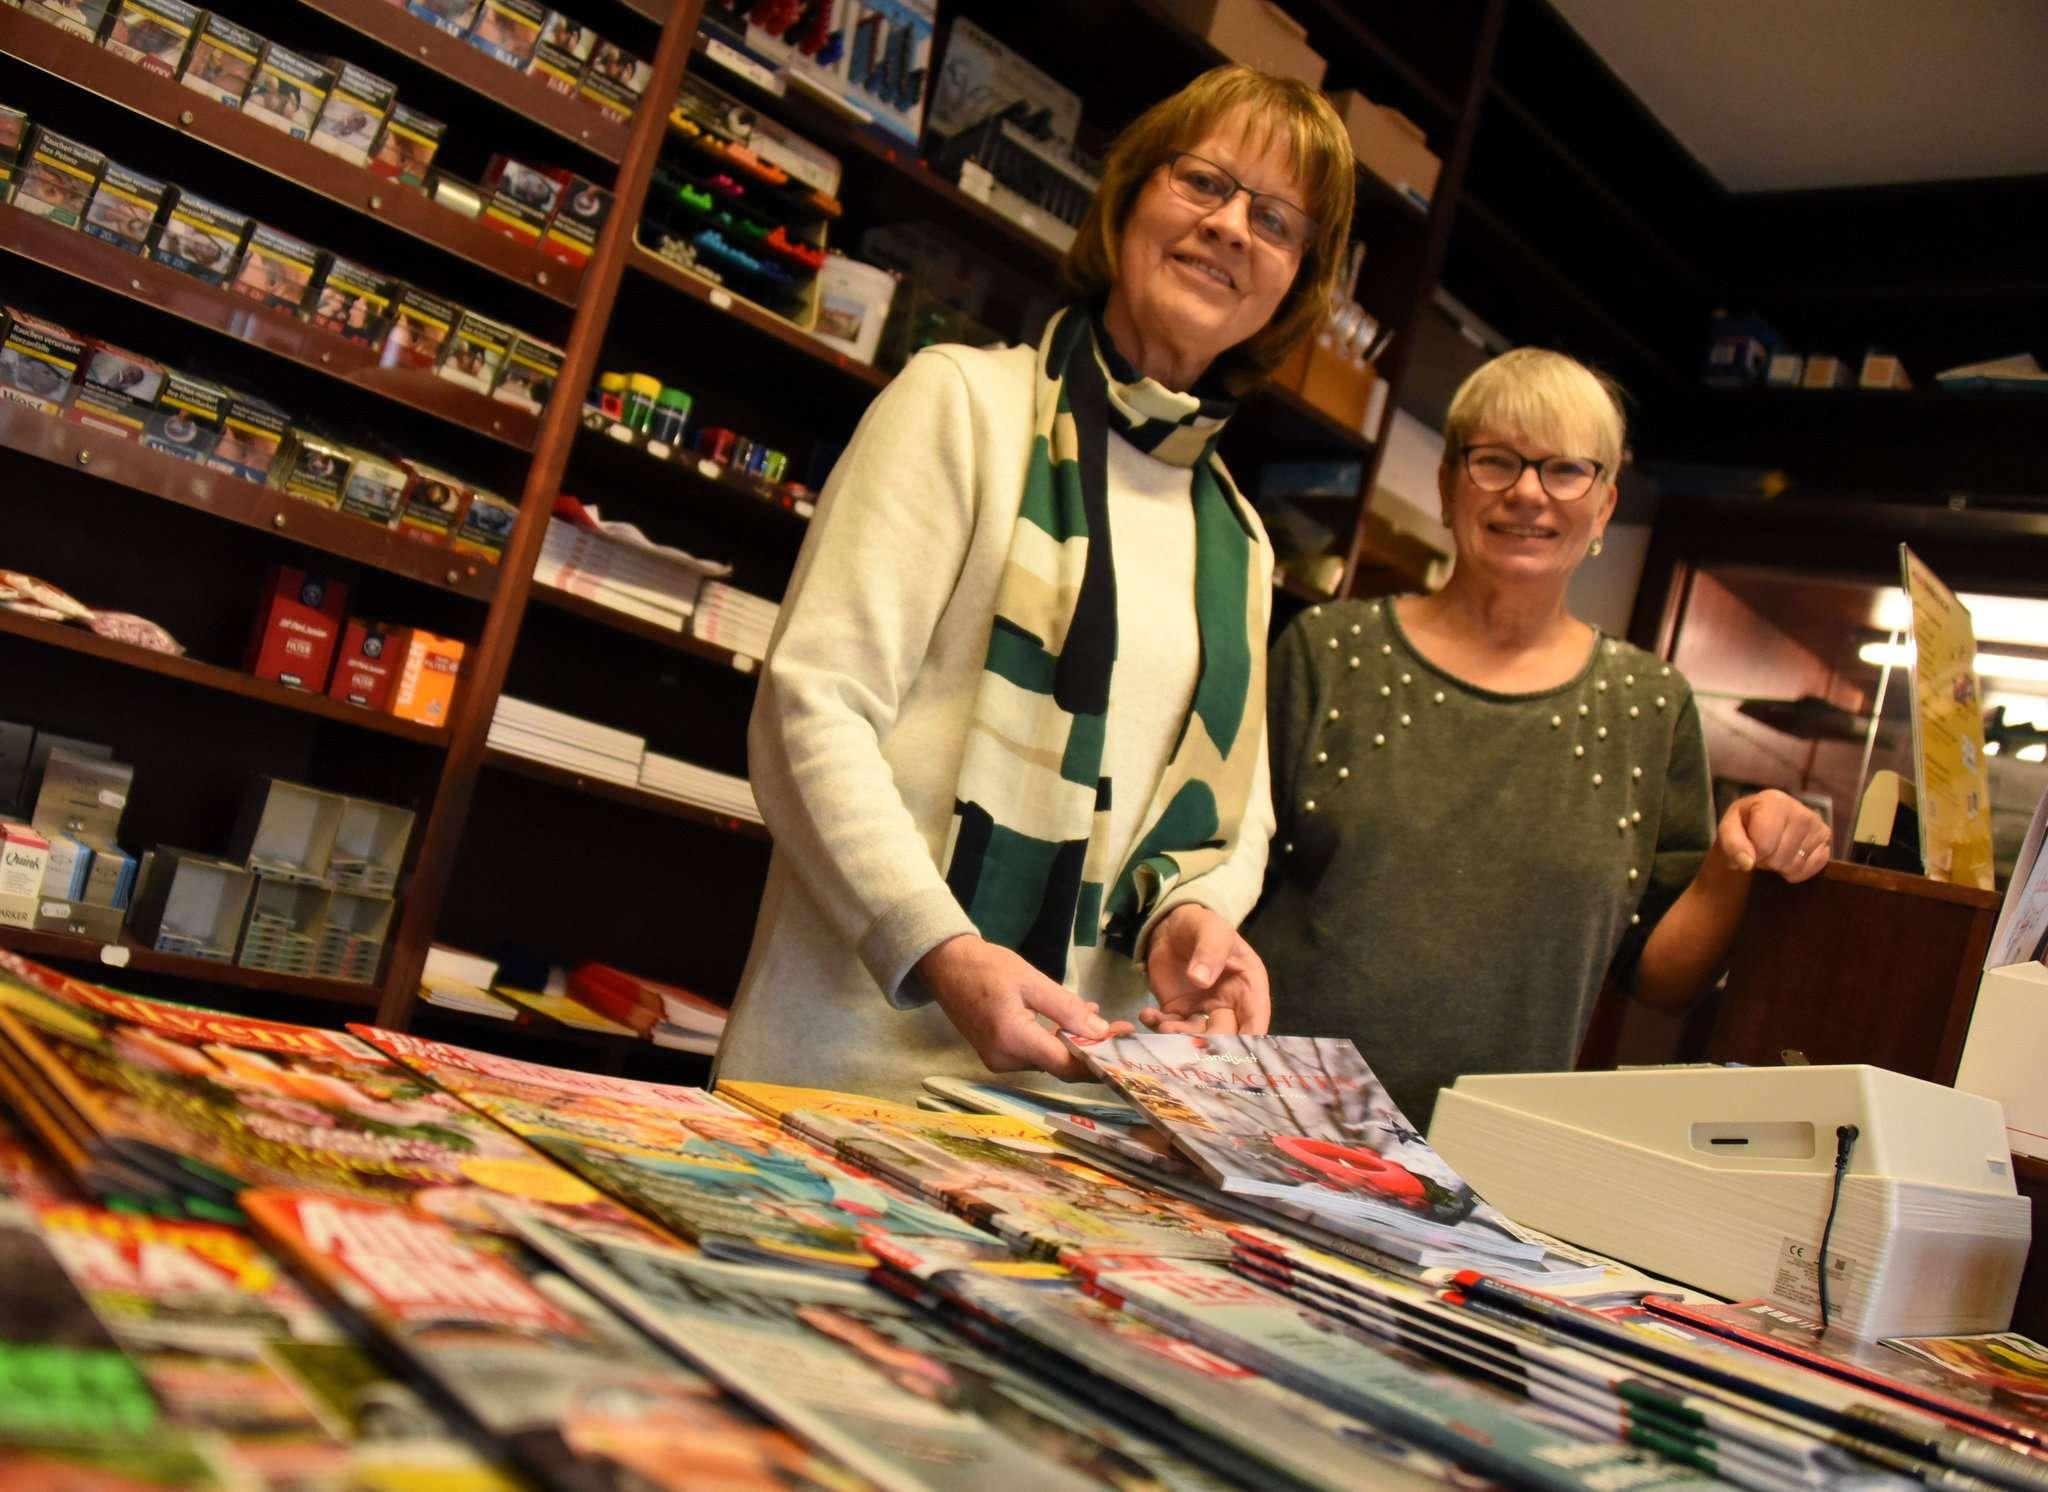 Sigrid Hoops (links) und Doris Otto sind seit rund 25 Jahren die guten Geister der Buchhandlung + Touristik (BUT) Wilkens. Am 31. Dezember ist das vorbei.